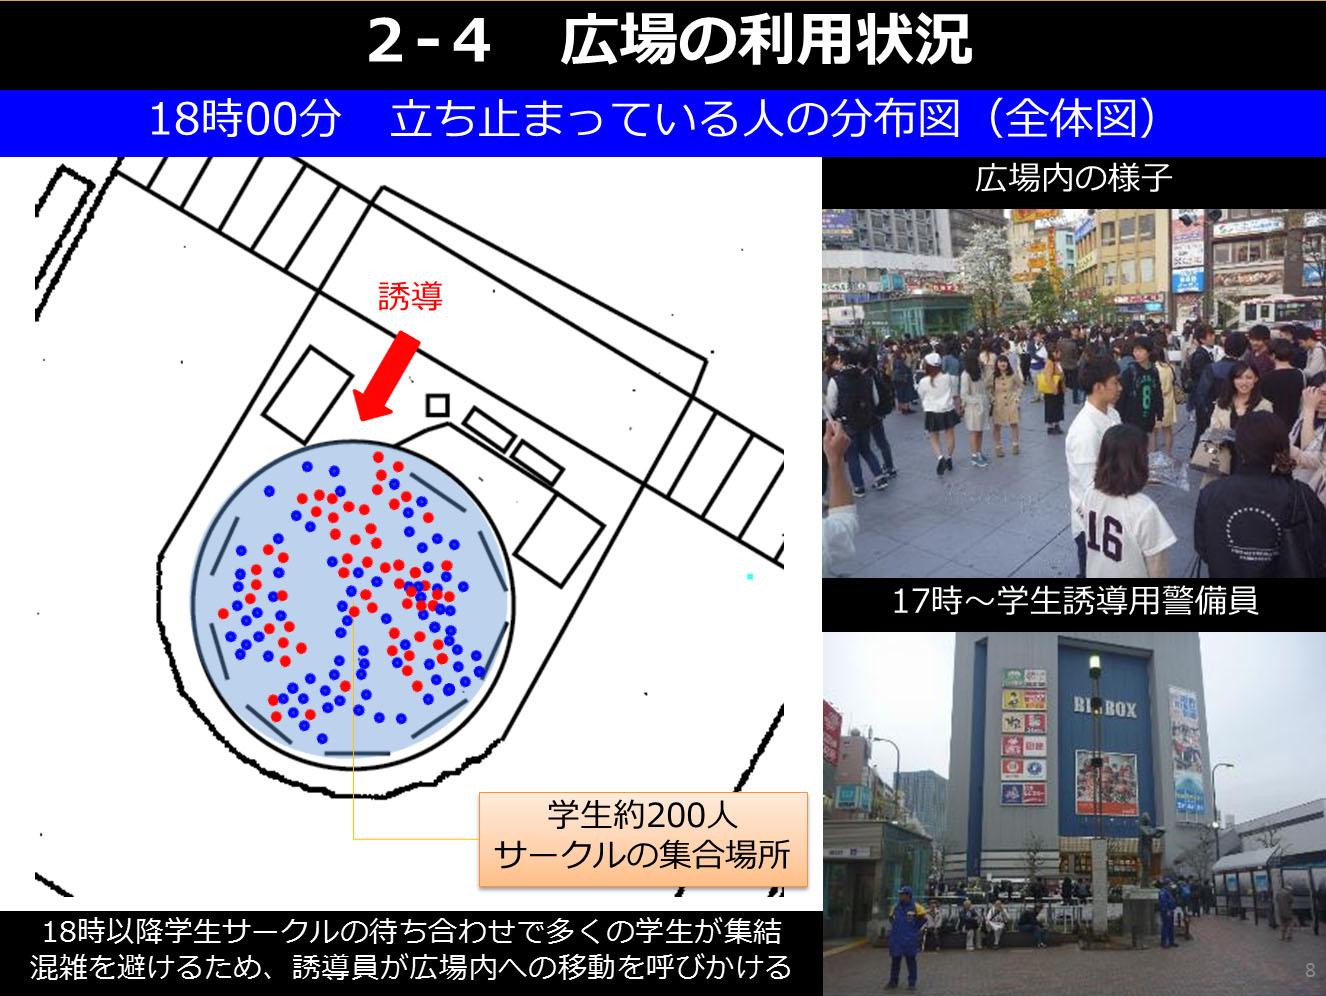 高田馬場駅前広場の滞留調査。18時には学生およそ200人が集まっています。